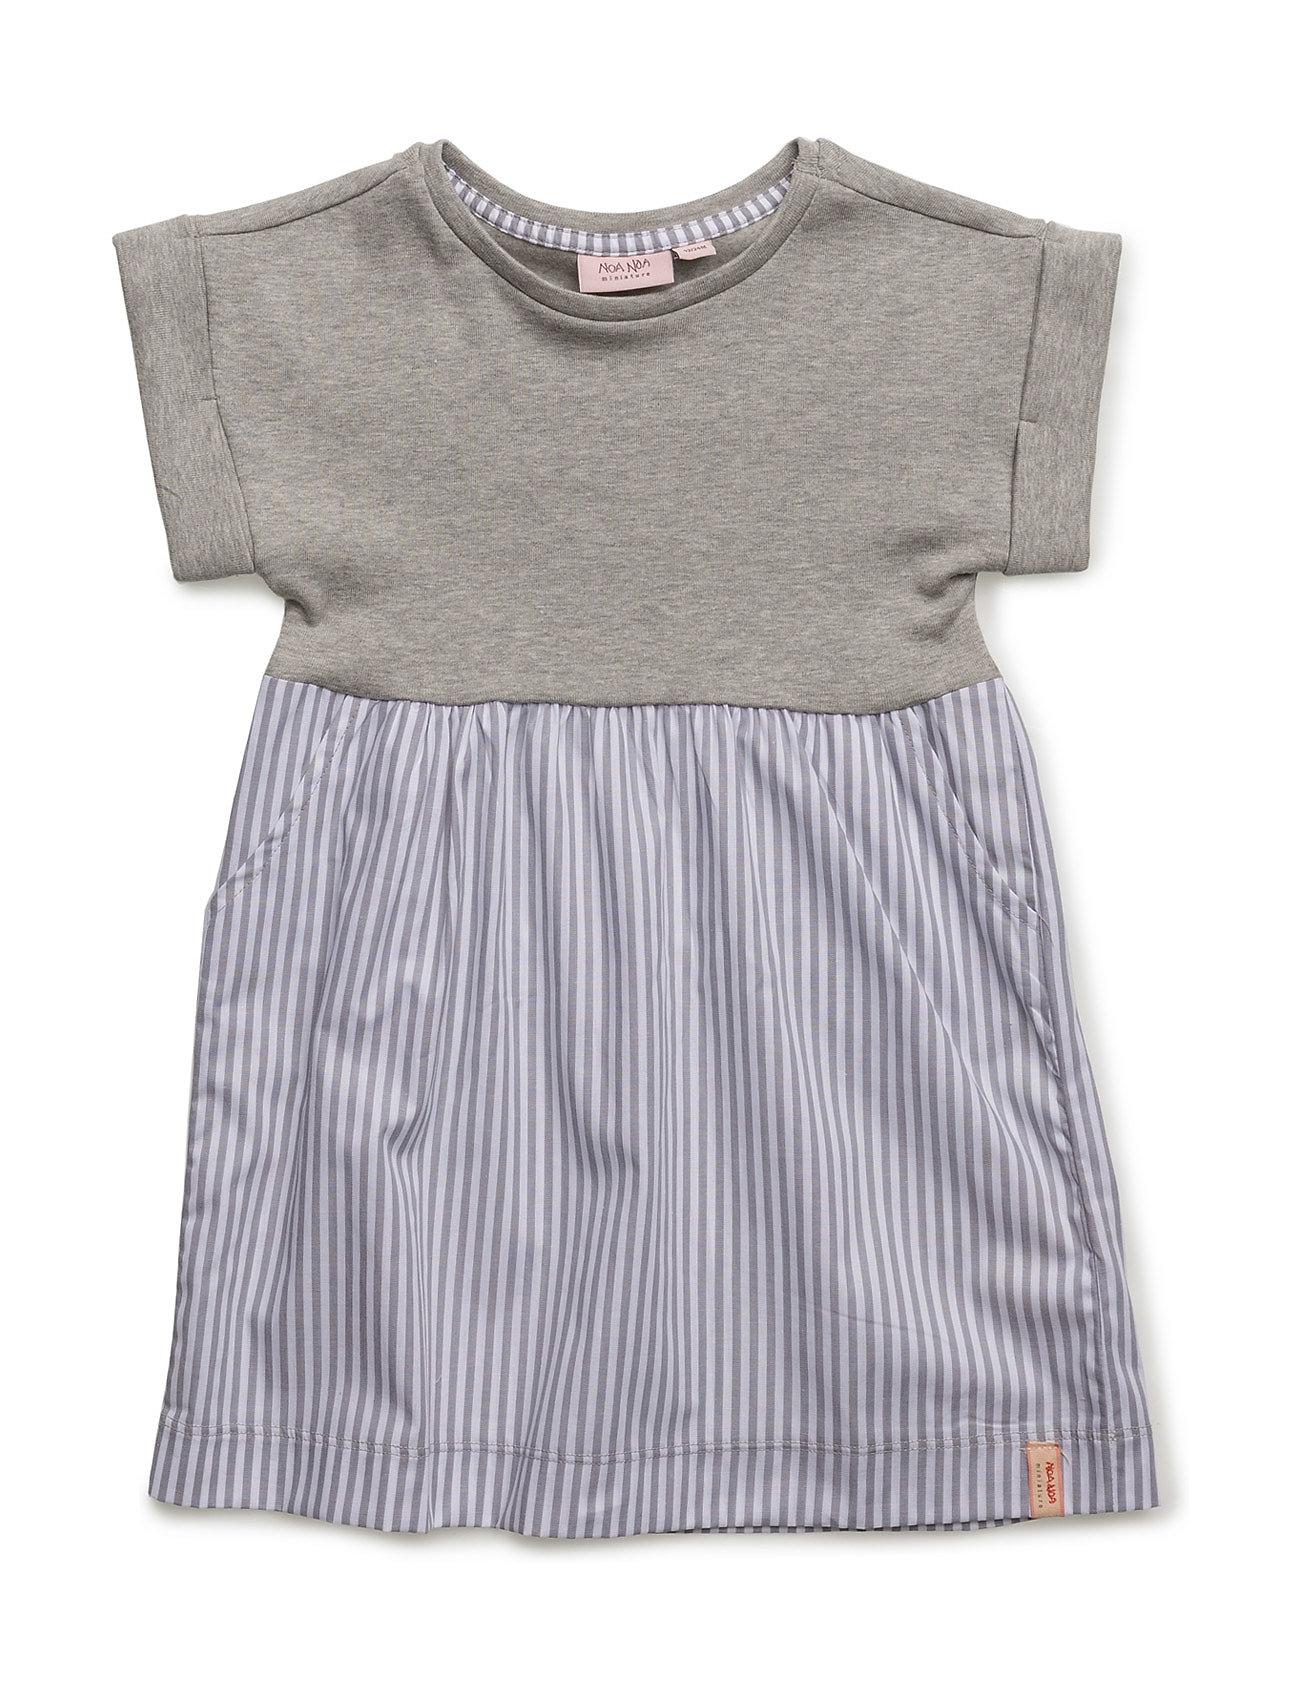 Supercoola Dress Sleeveless Noa Noa Miniature Klänningar till Barn ... f541e677e7f81